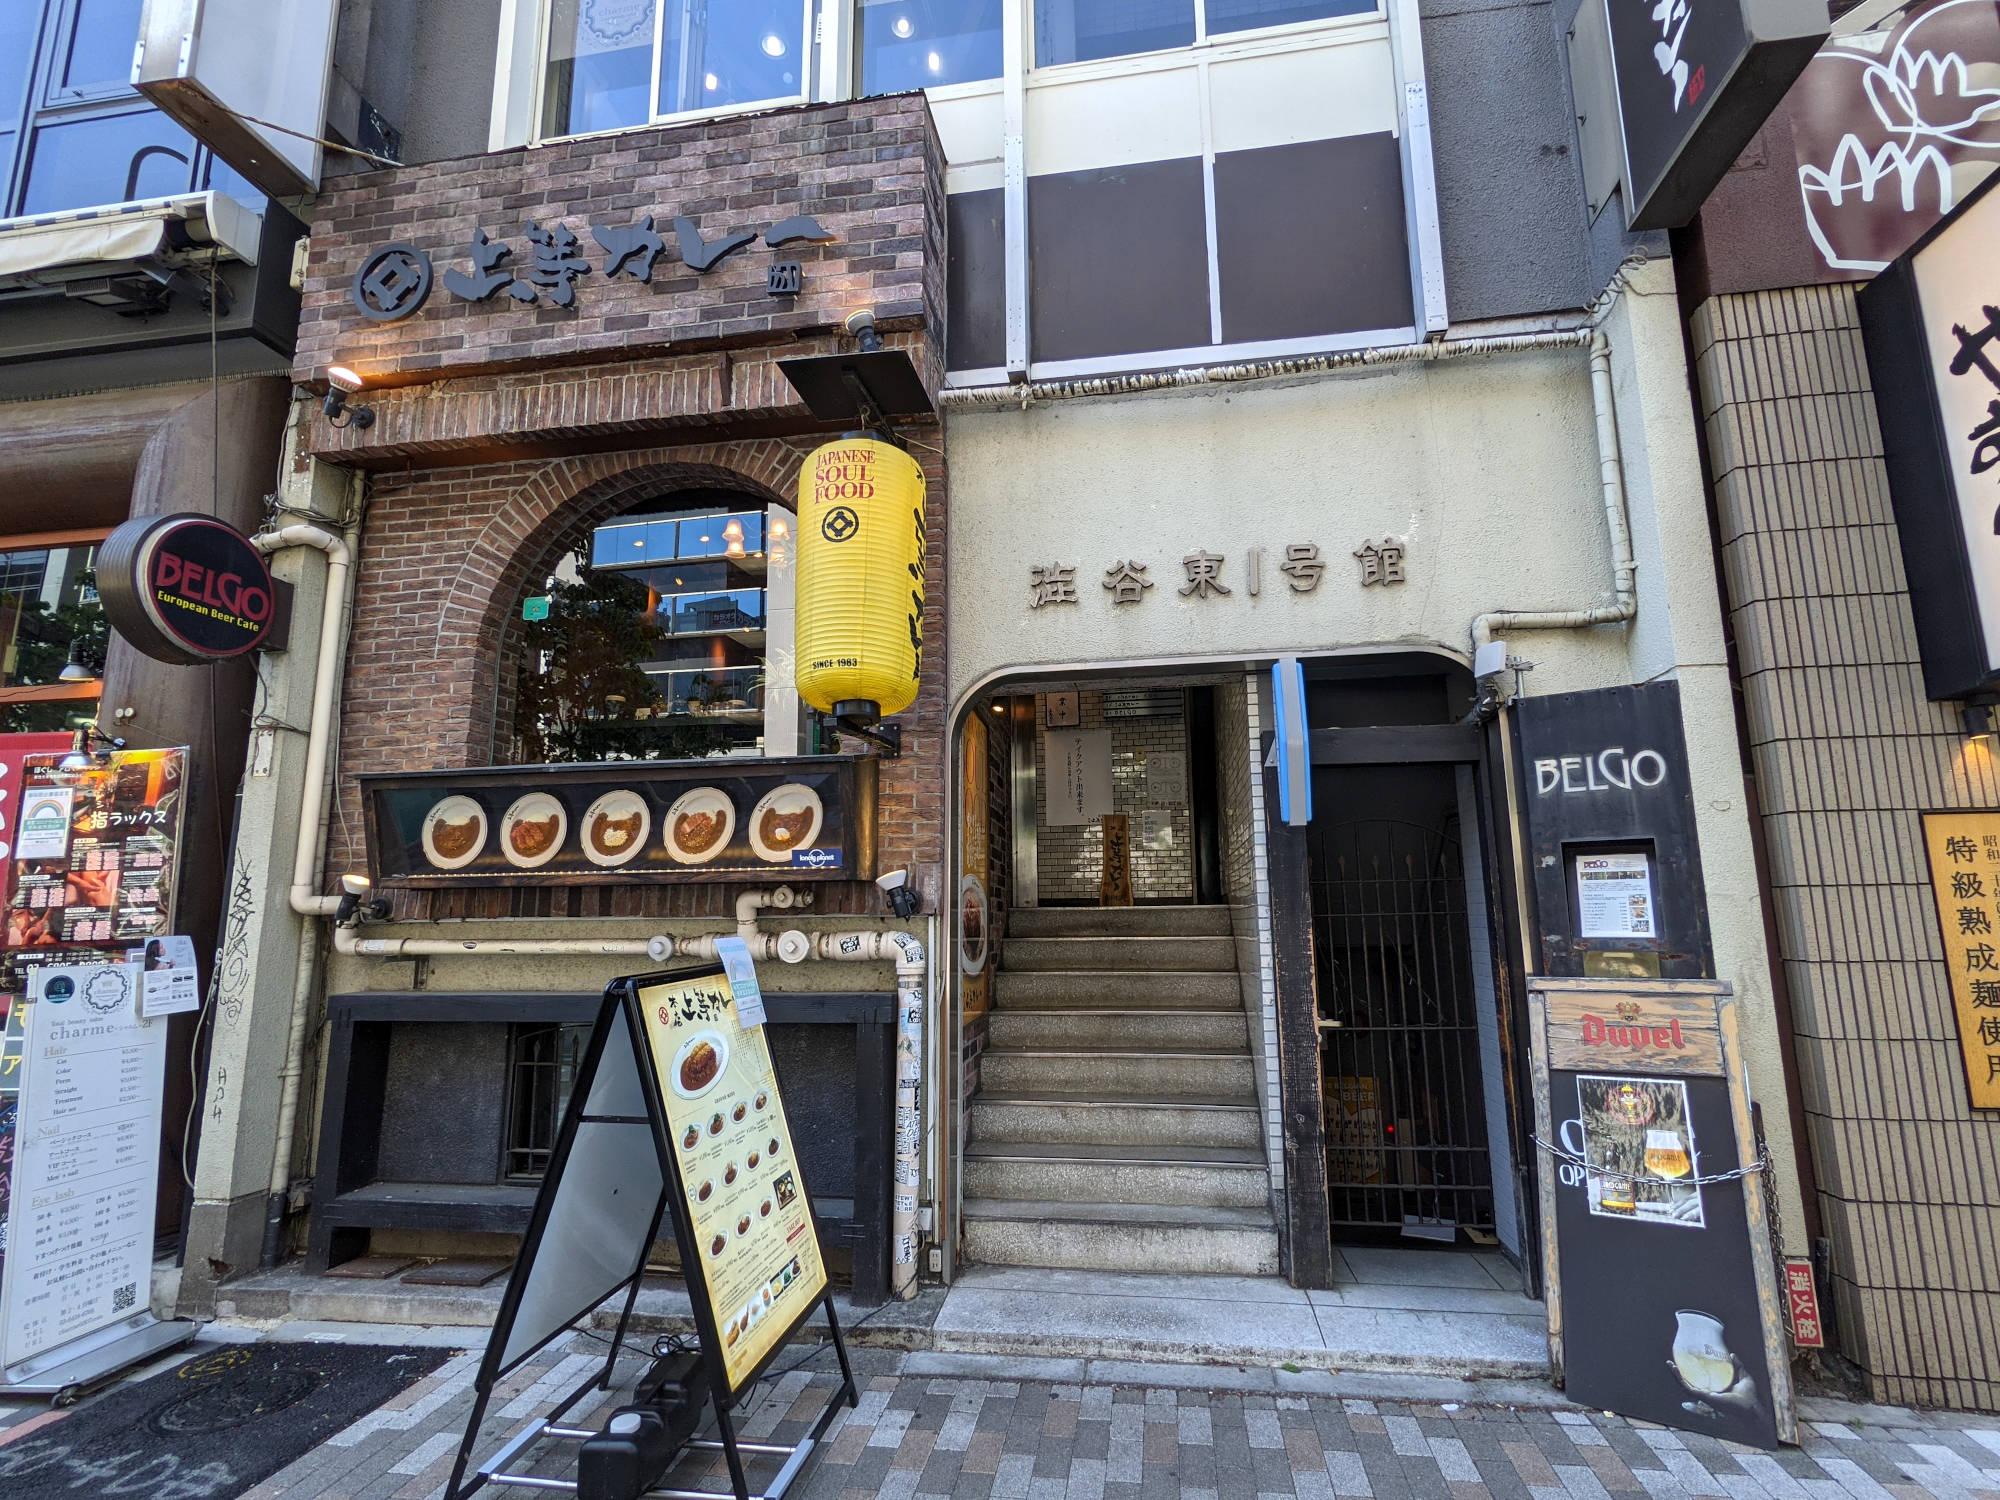 上等カレー 渋谷本店の入り口